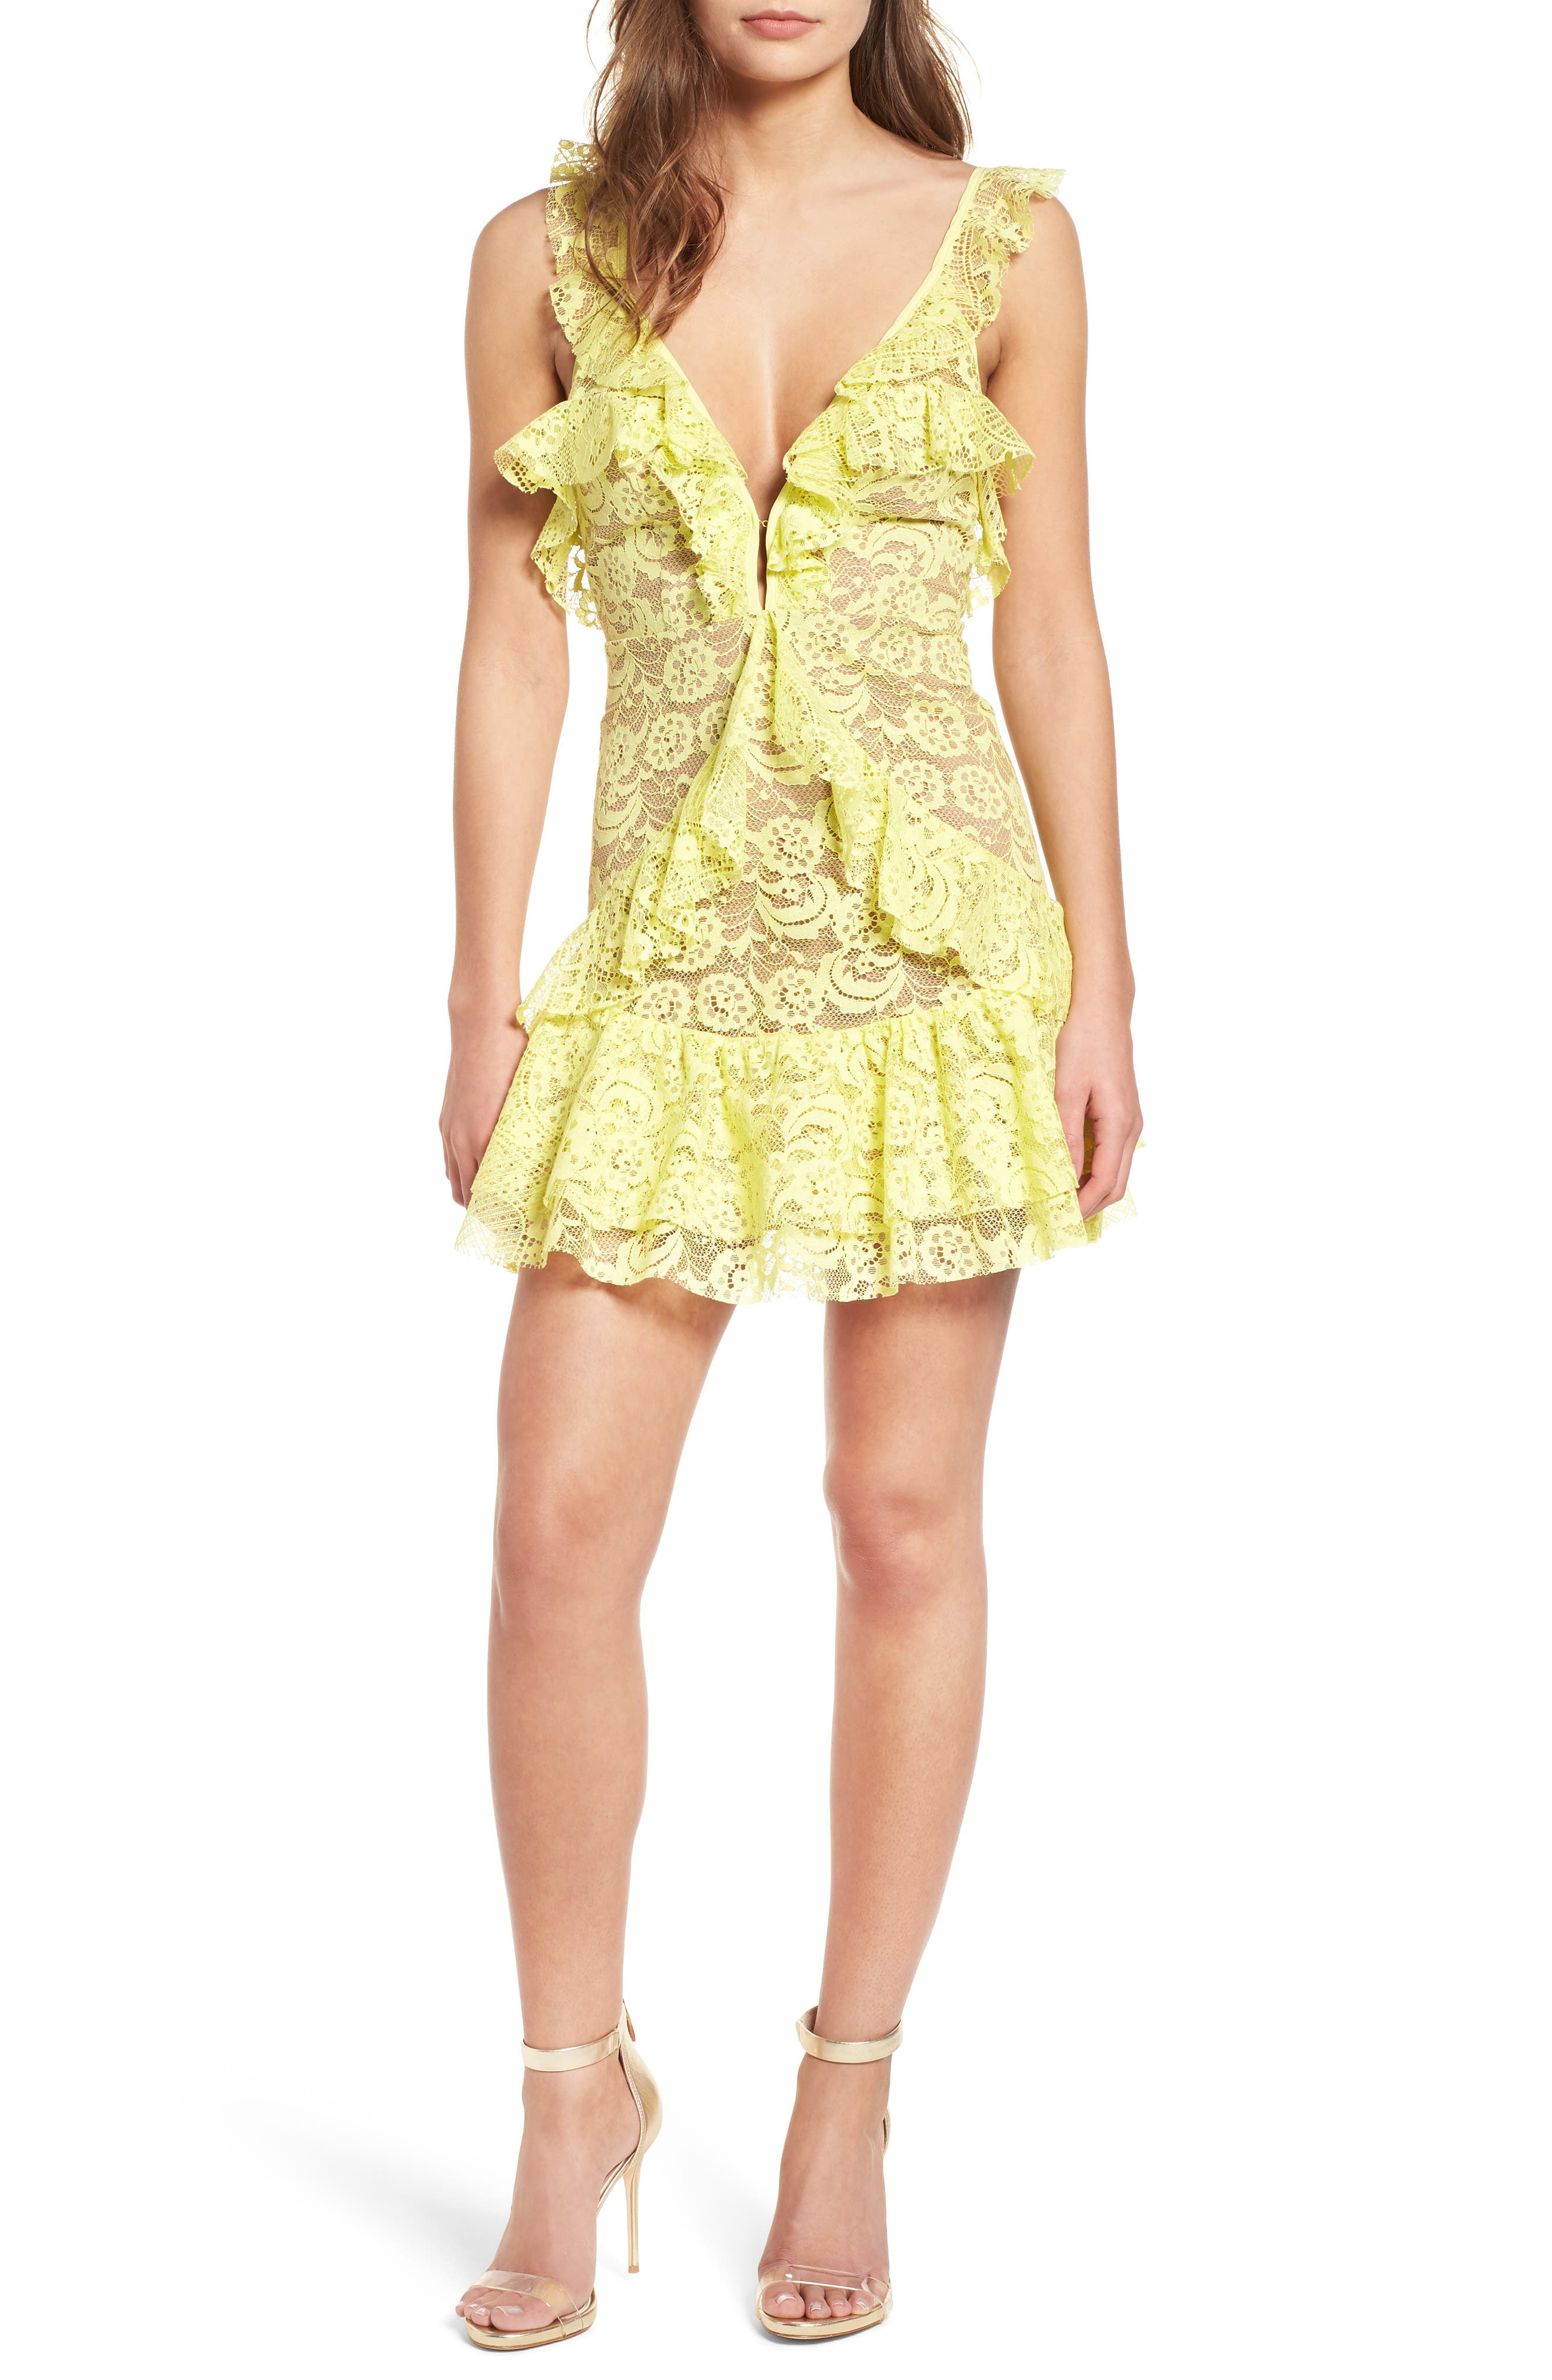 Tati Lace Minidress,                             Main thumbnail 1, color,                             Lemon